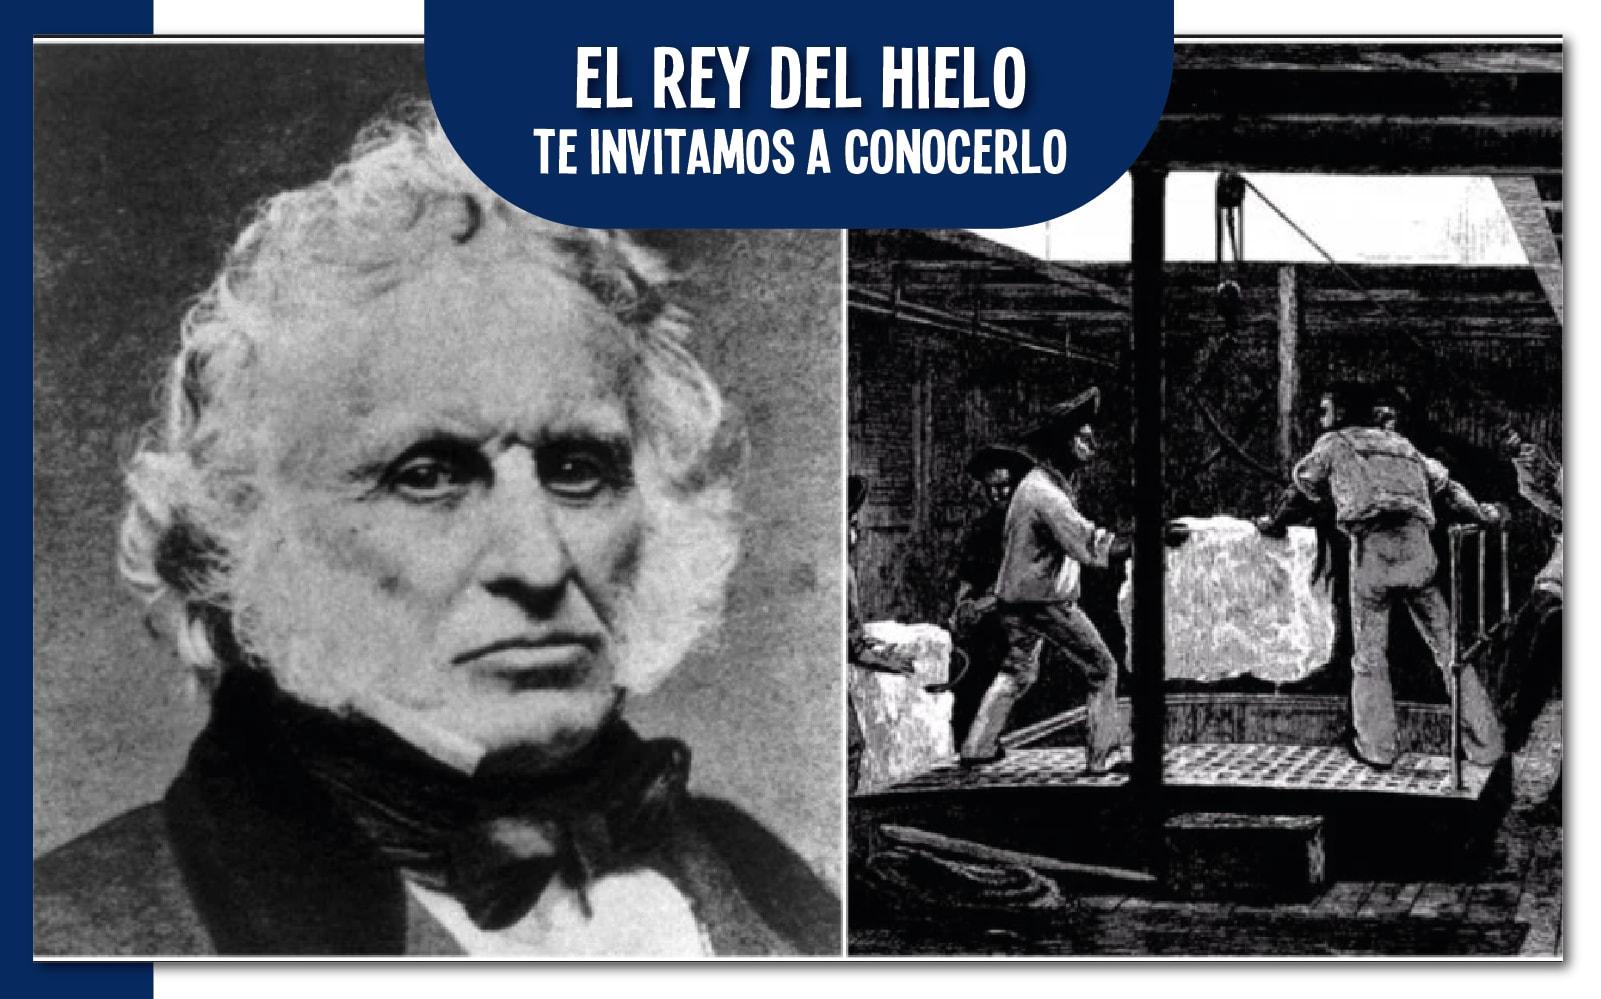 EL REY DEL HIELO